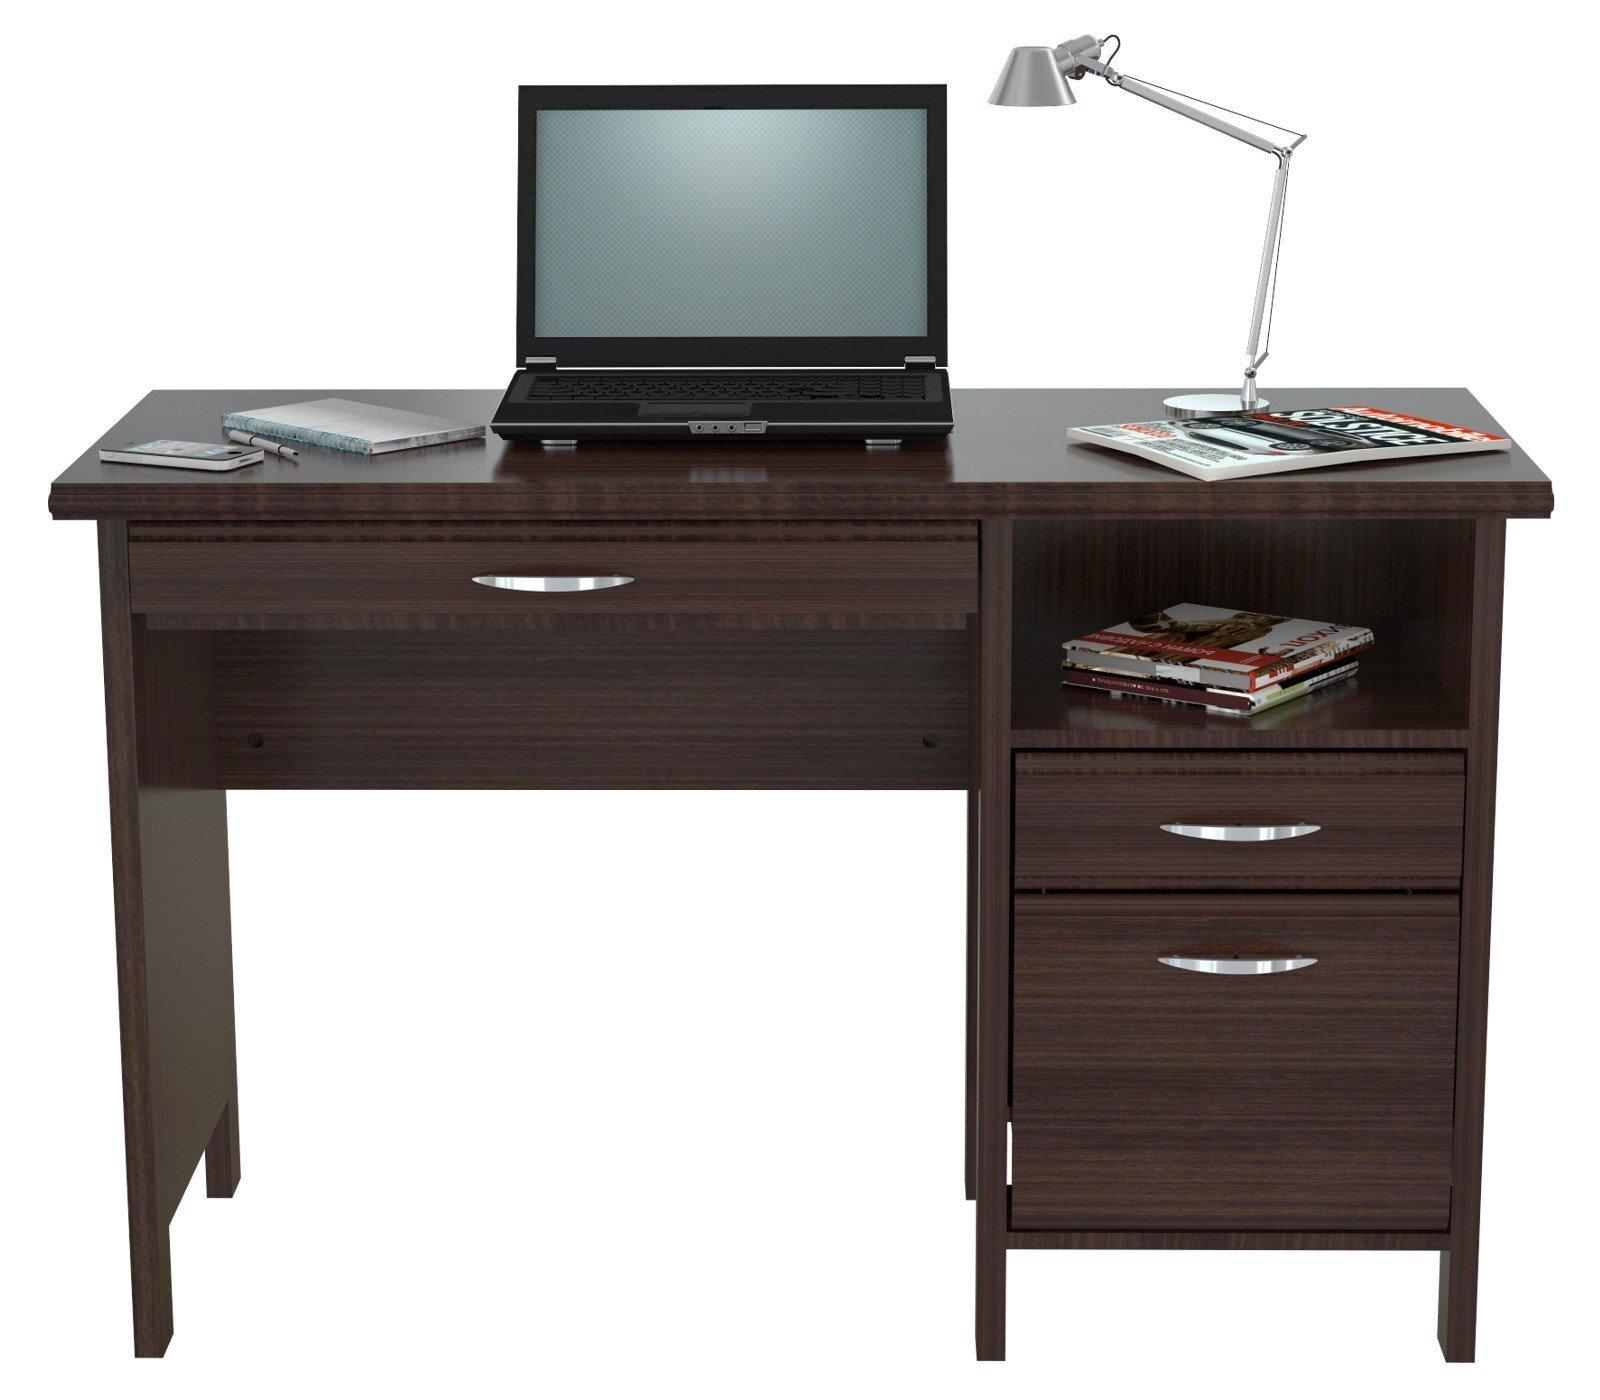 Inval America ES-2403 Softform Desk by Inval America